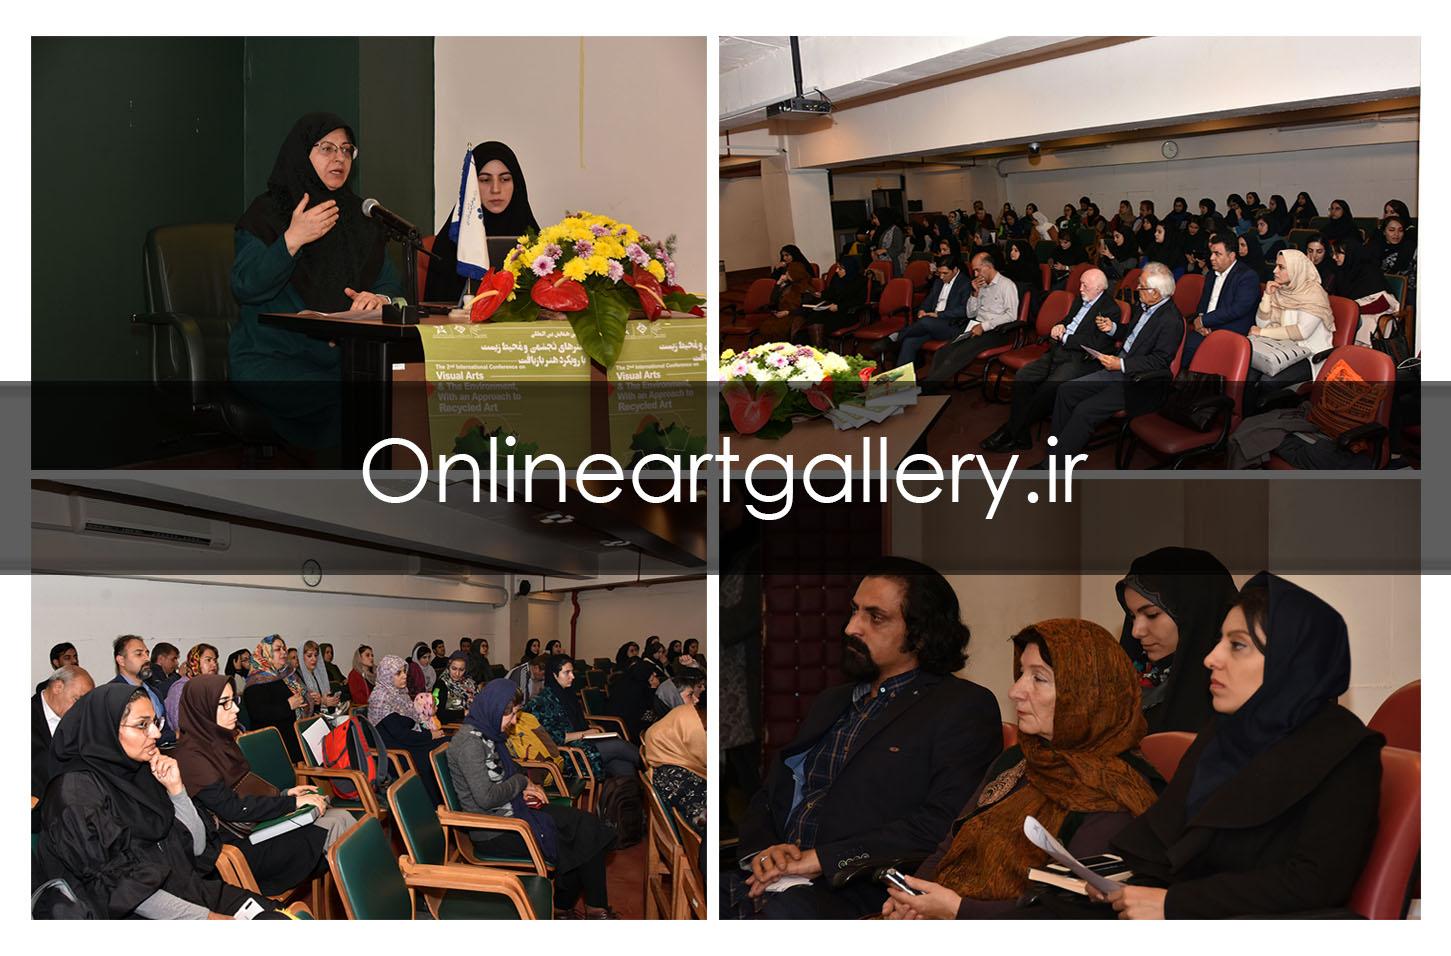 گزارش تصویری نشست دومین همایش بین المللی هنرهای تجسمی و محیط زیست با محوریت «هنر بازیافت» در موسسه صبا